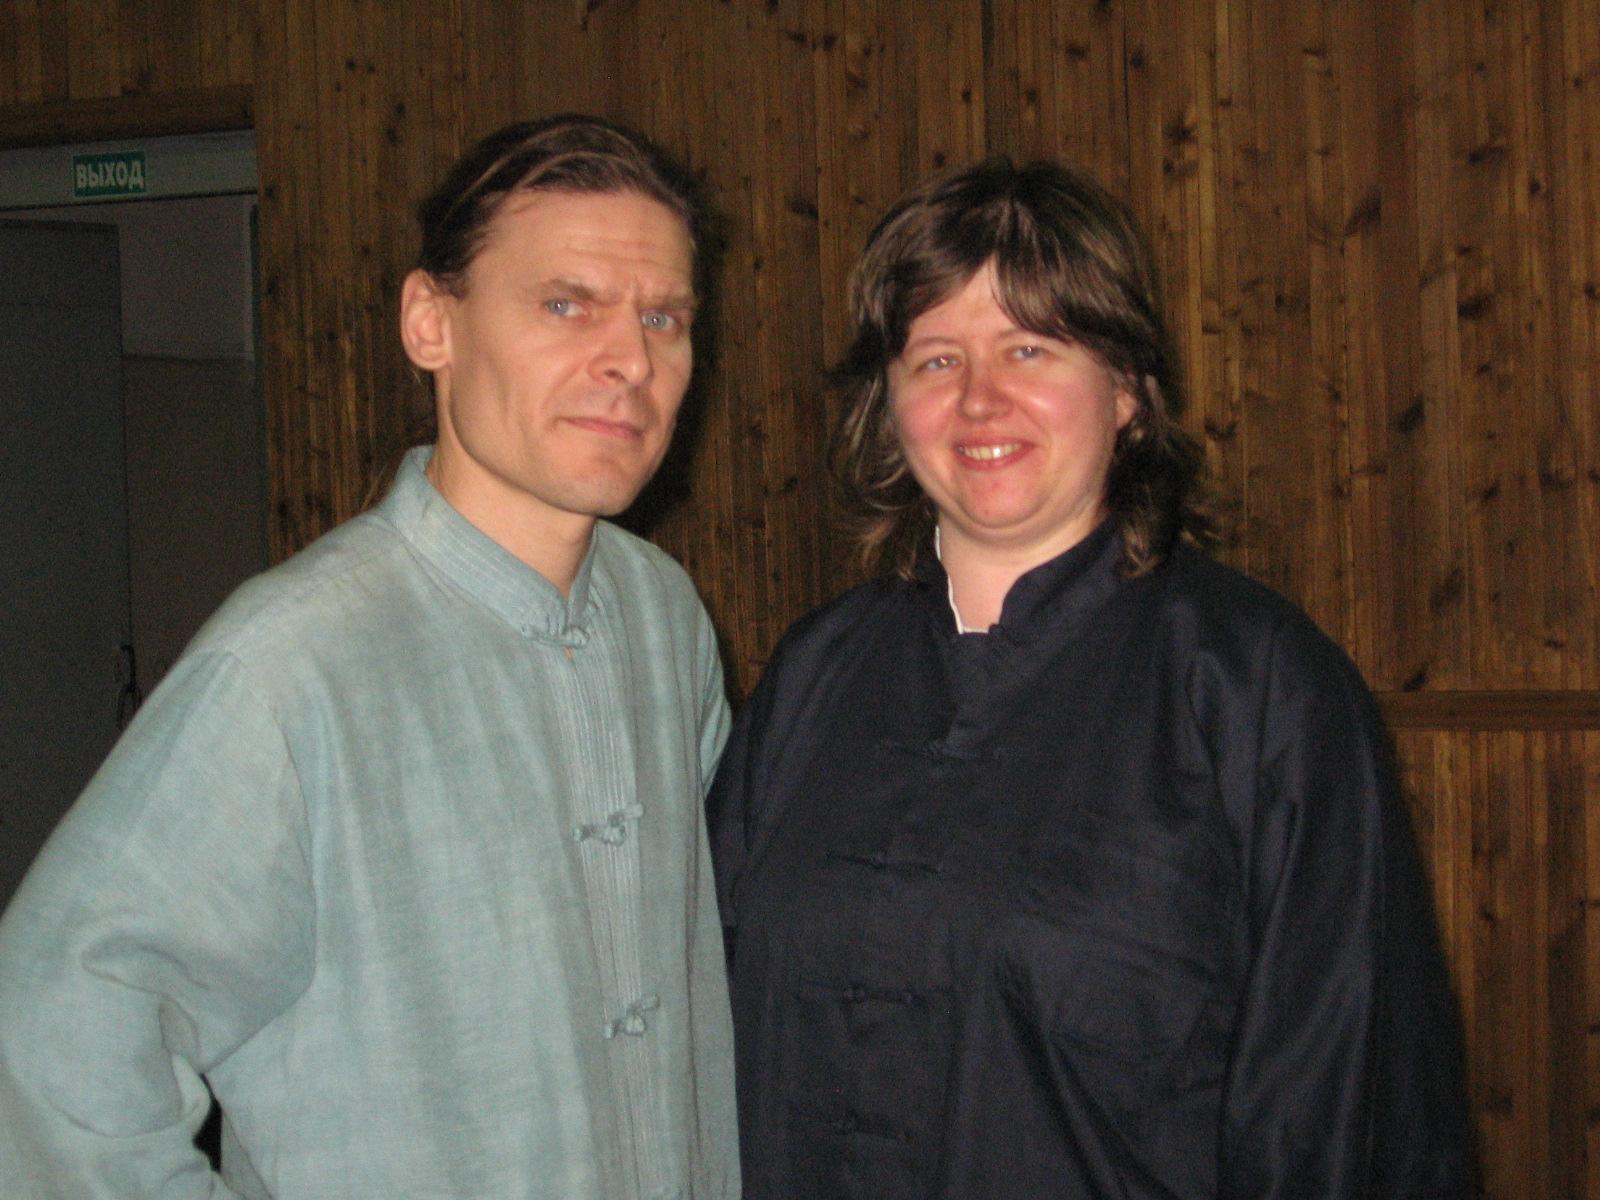 Коровин Олег, инструктор школы Тунг и Гаврилина Анфиса, врач-психотерапевт